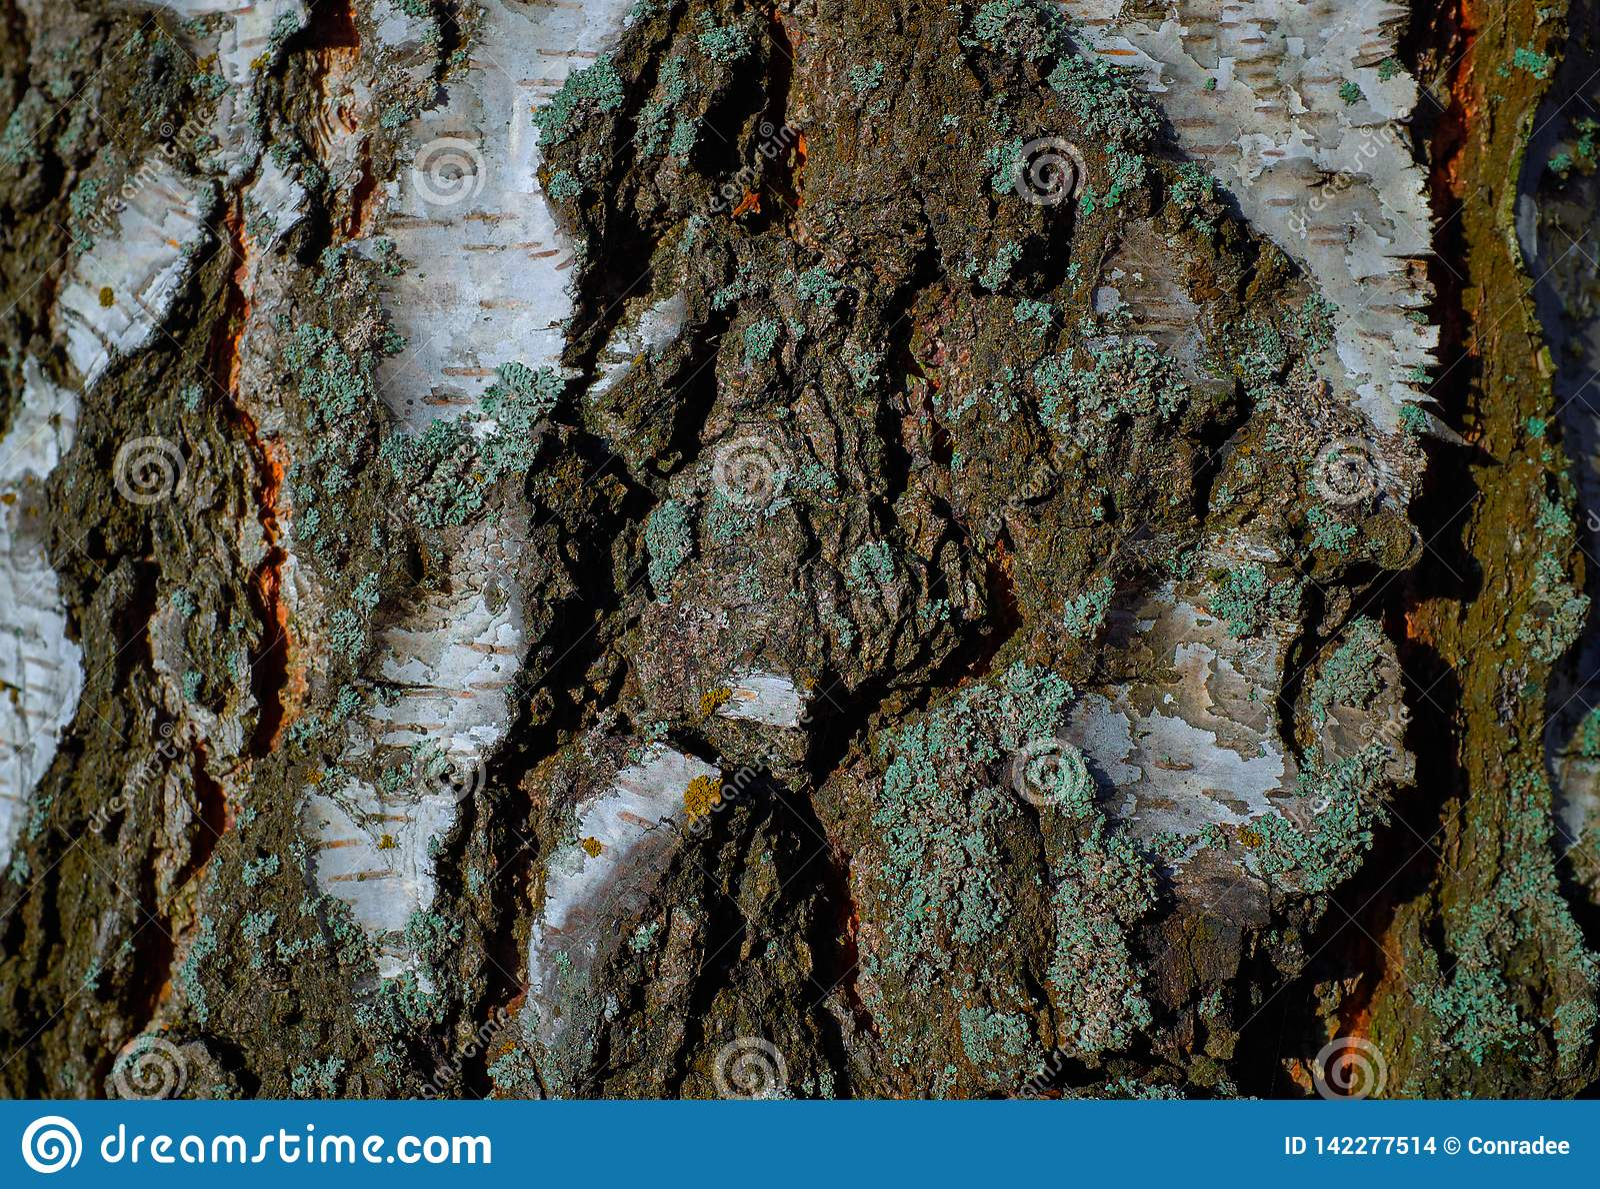 Textura colorida del árbol de corteza con el musgo azul